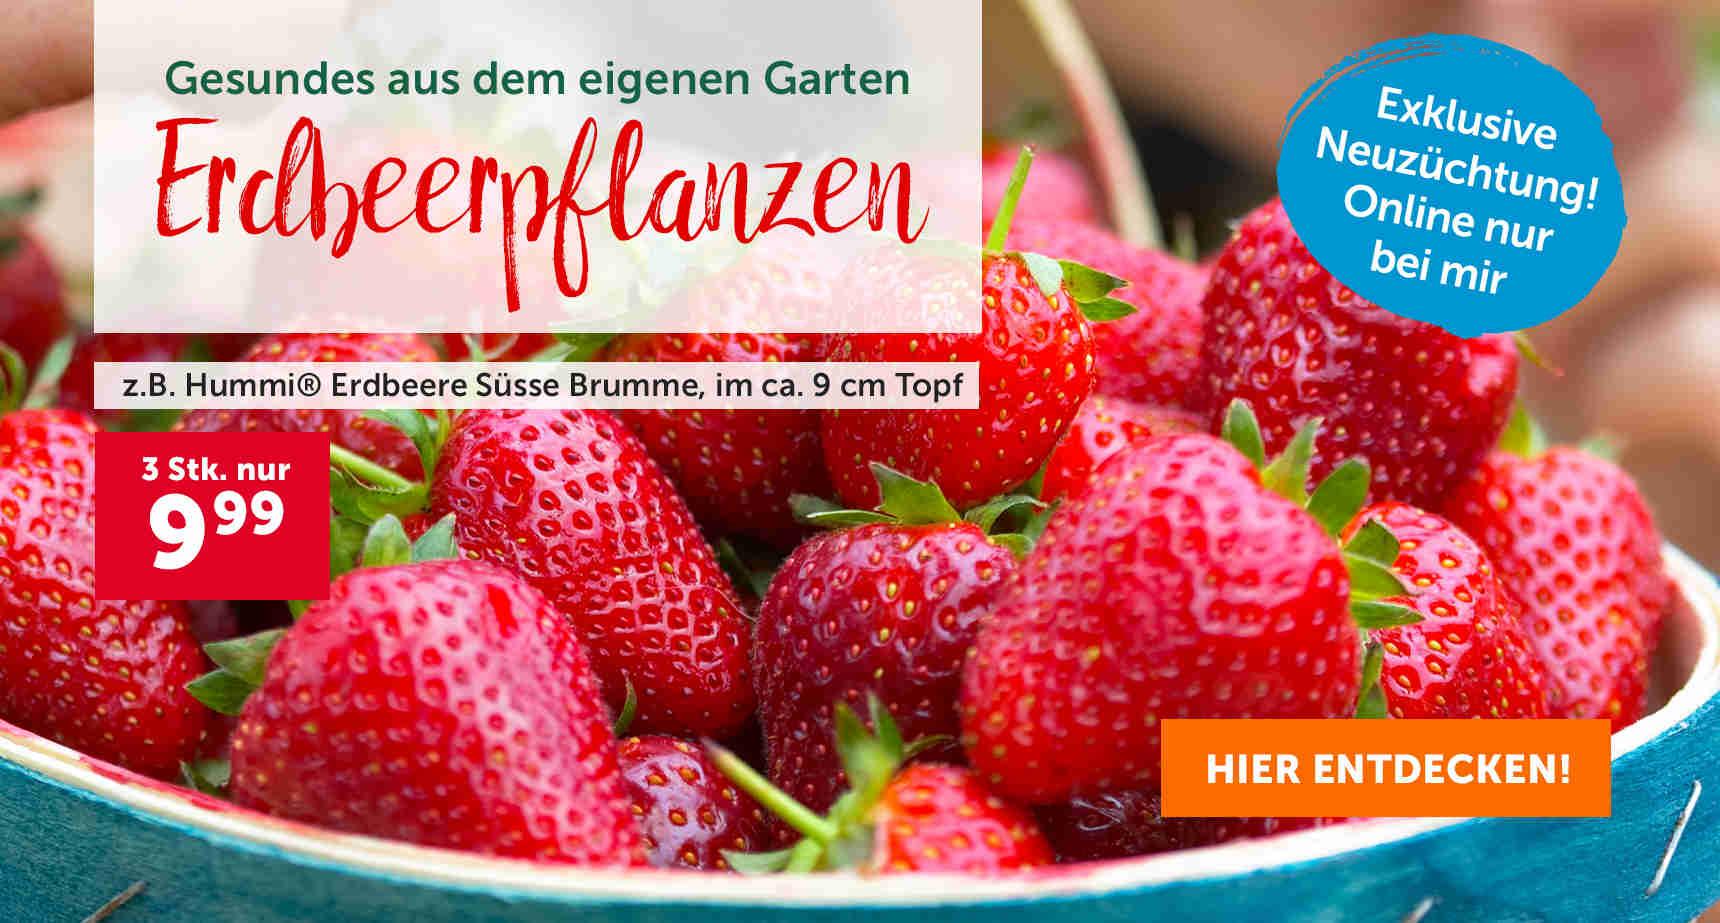 +++ (1) Erdbeeren +++ - 3